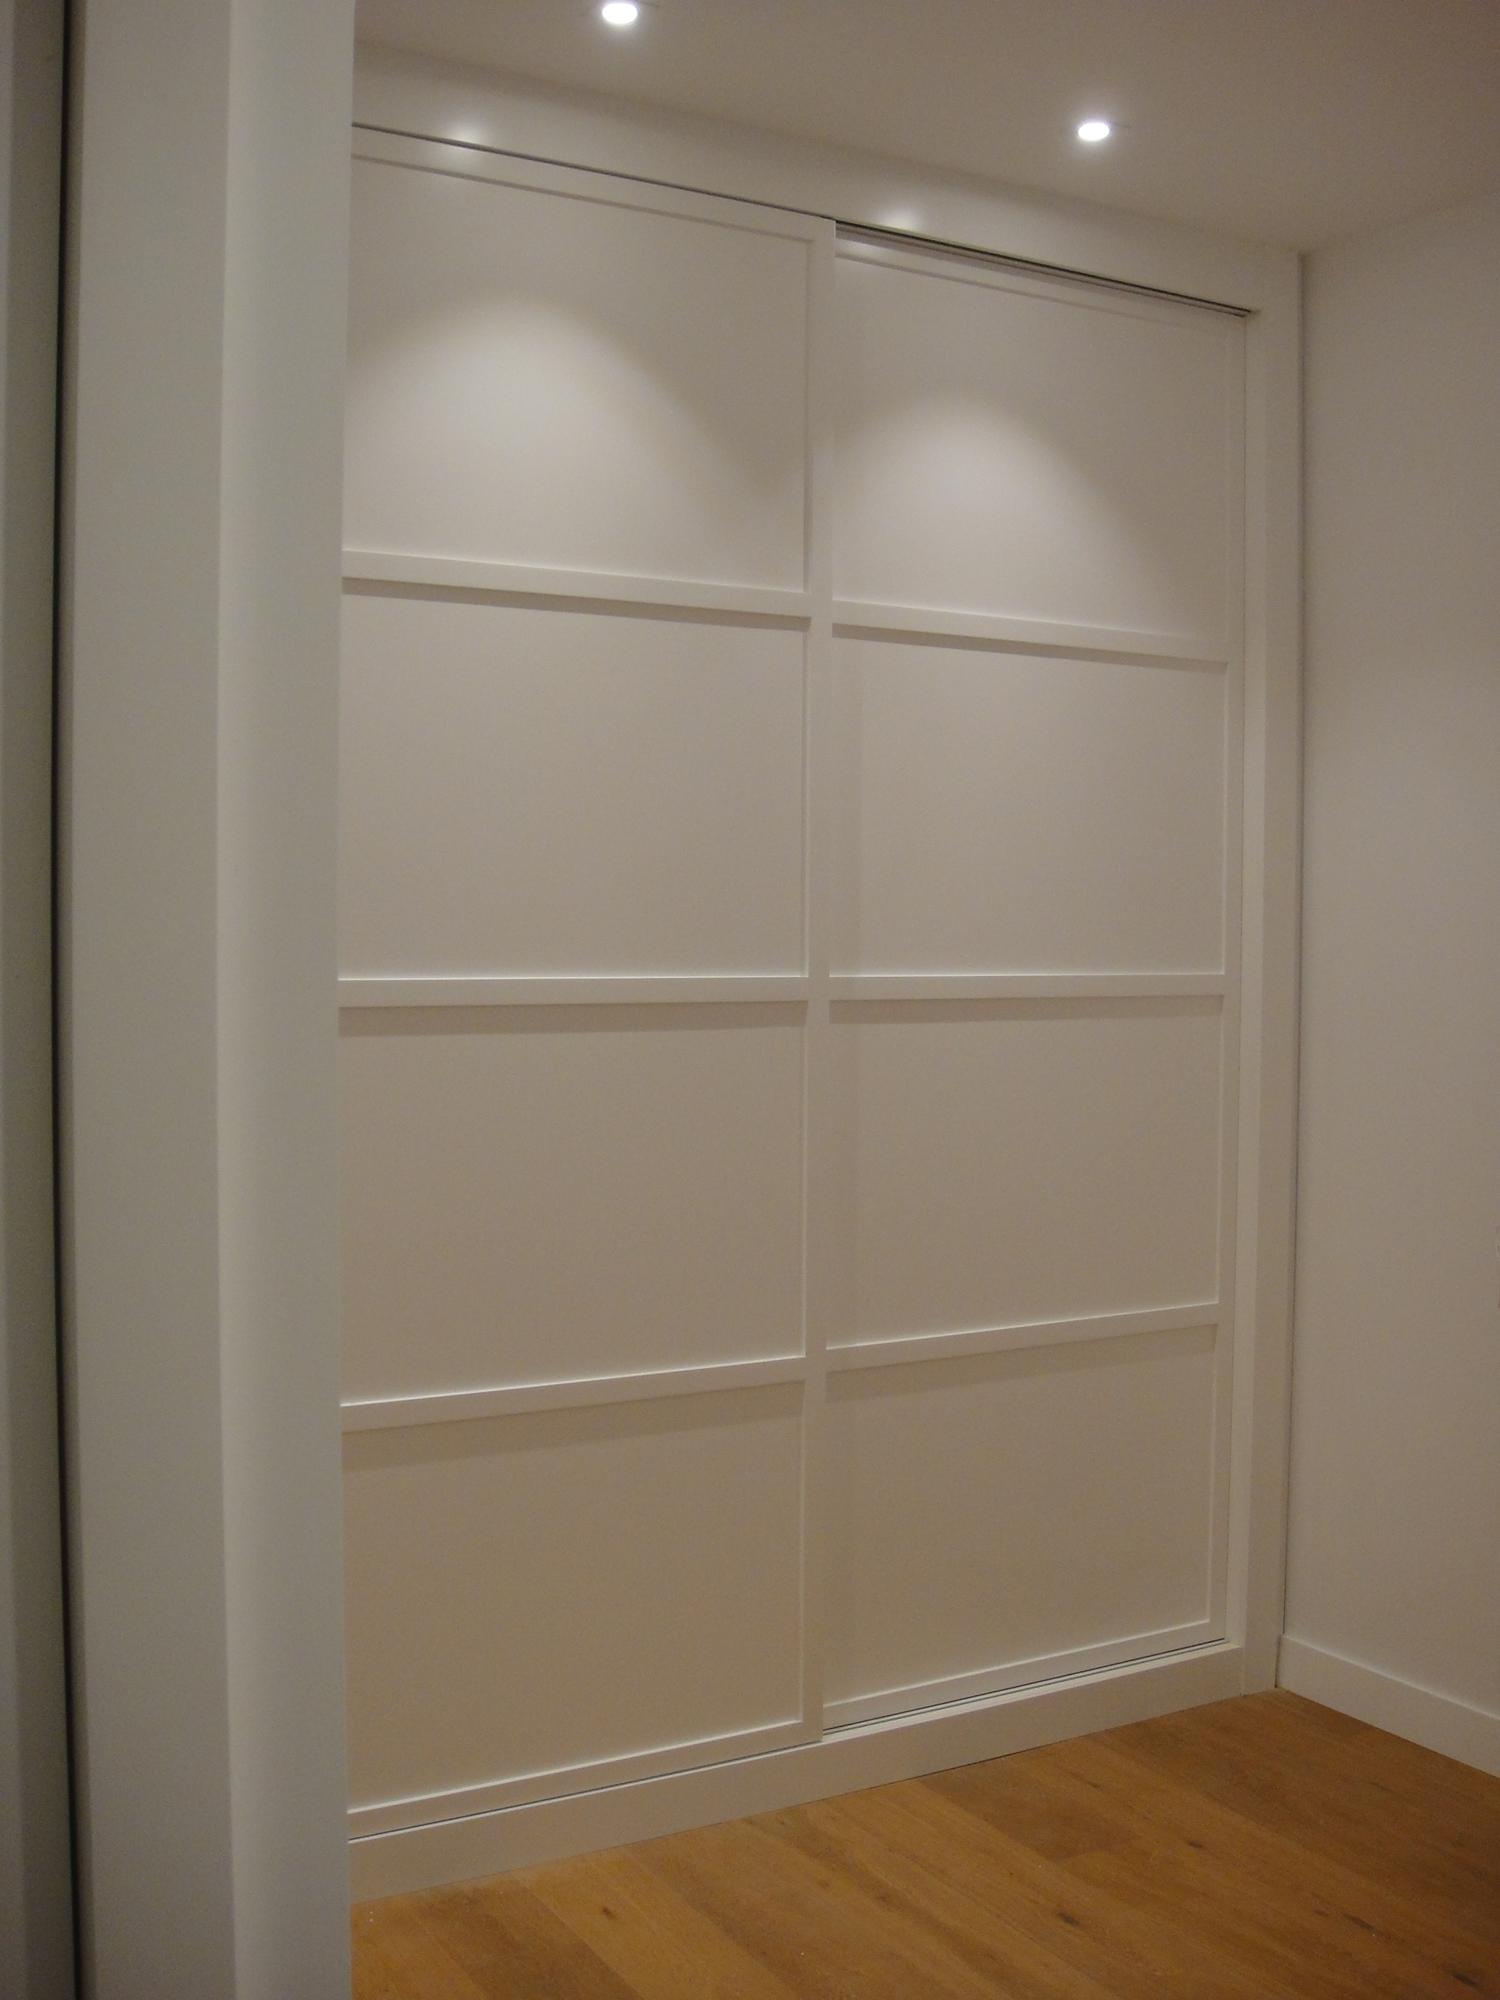 Puertas de armarios empotrados correderas armario for Puertas armarios empotrados